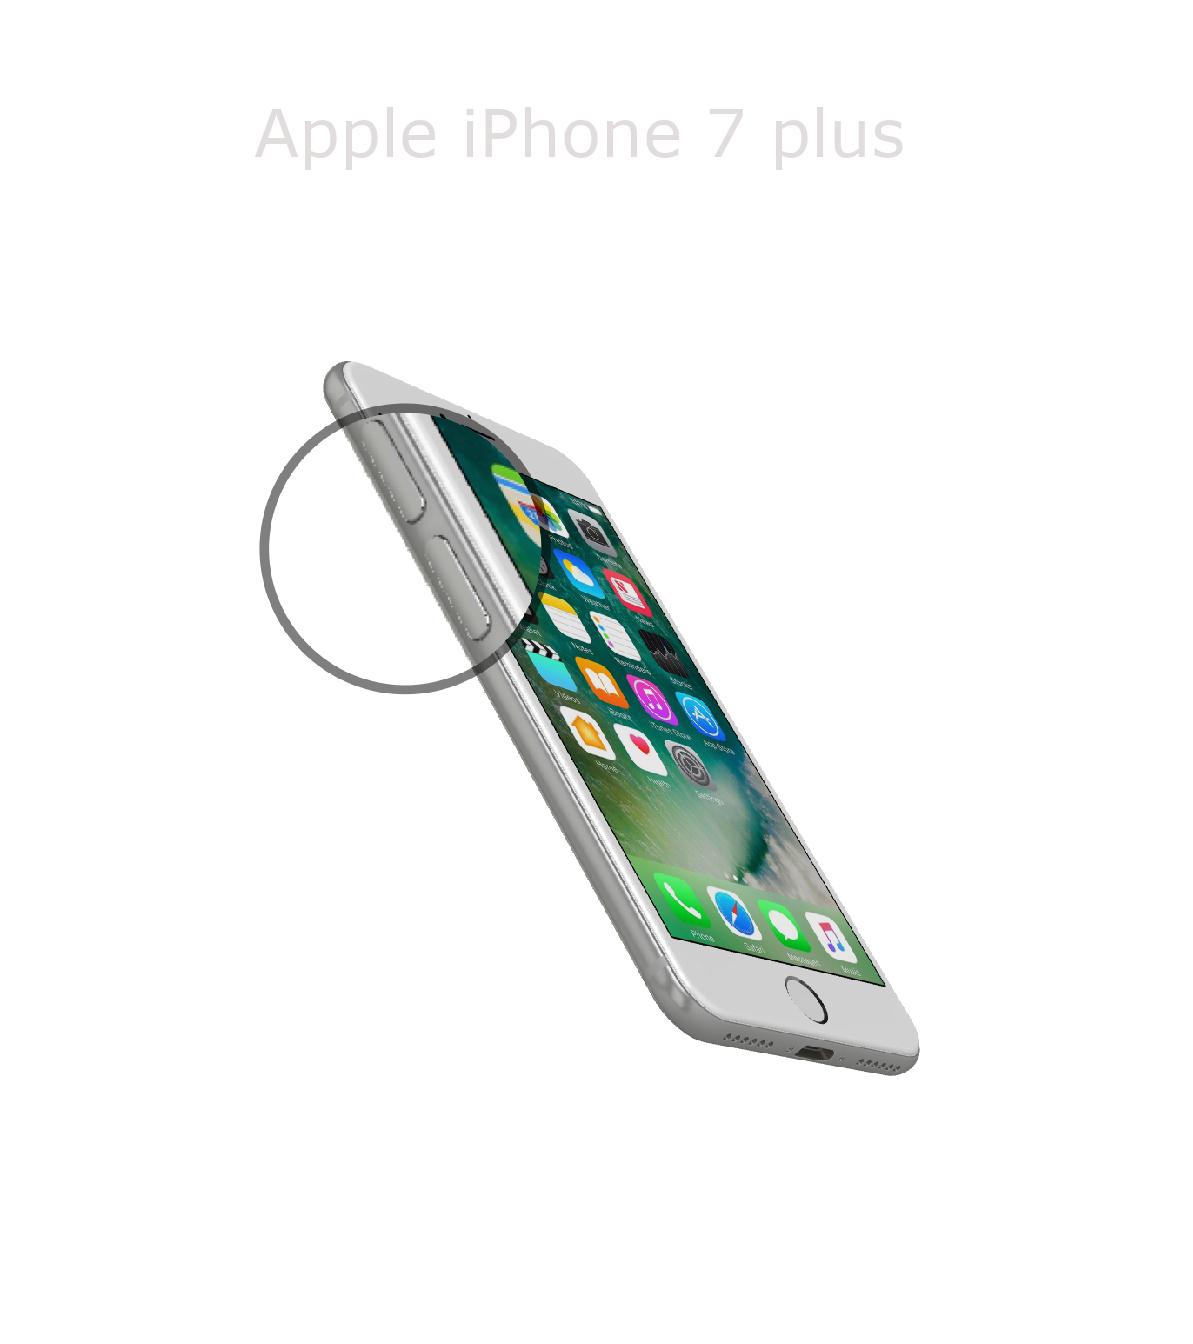 Laga volym/muteknapp iPhone 7 plus